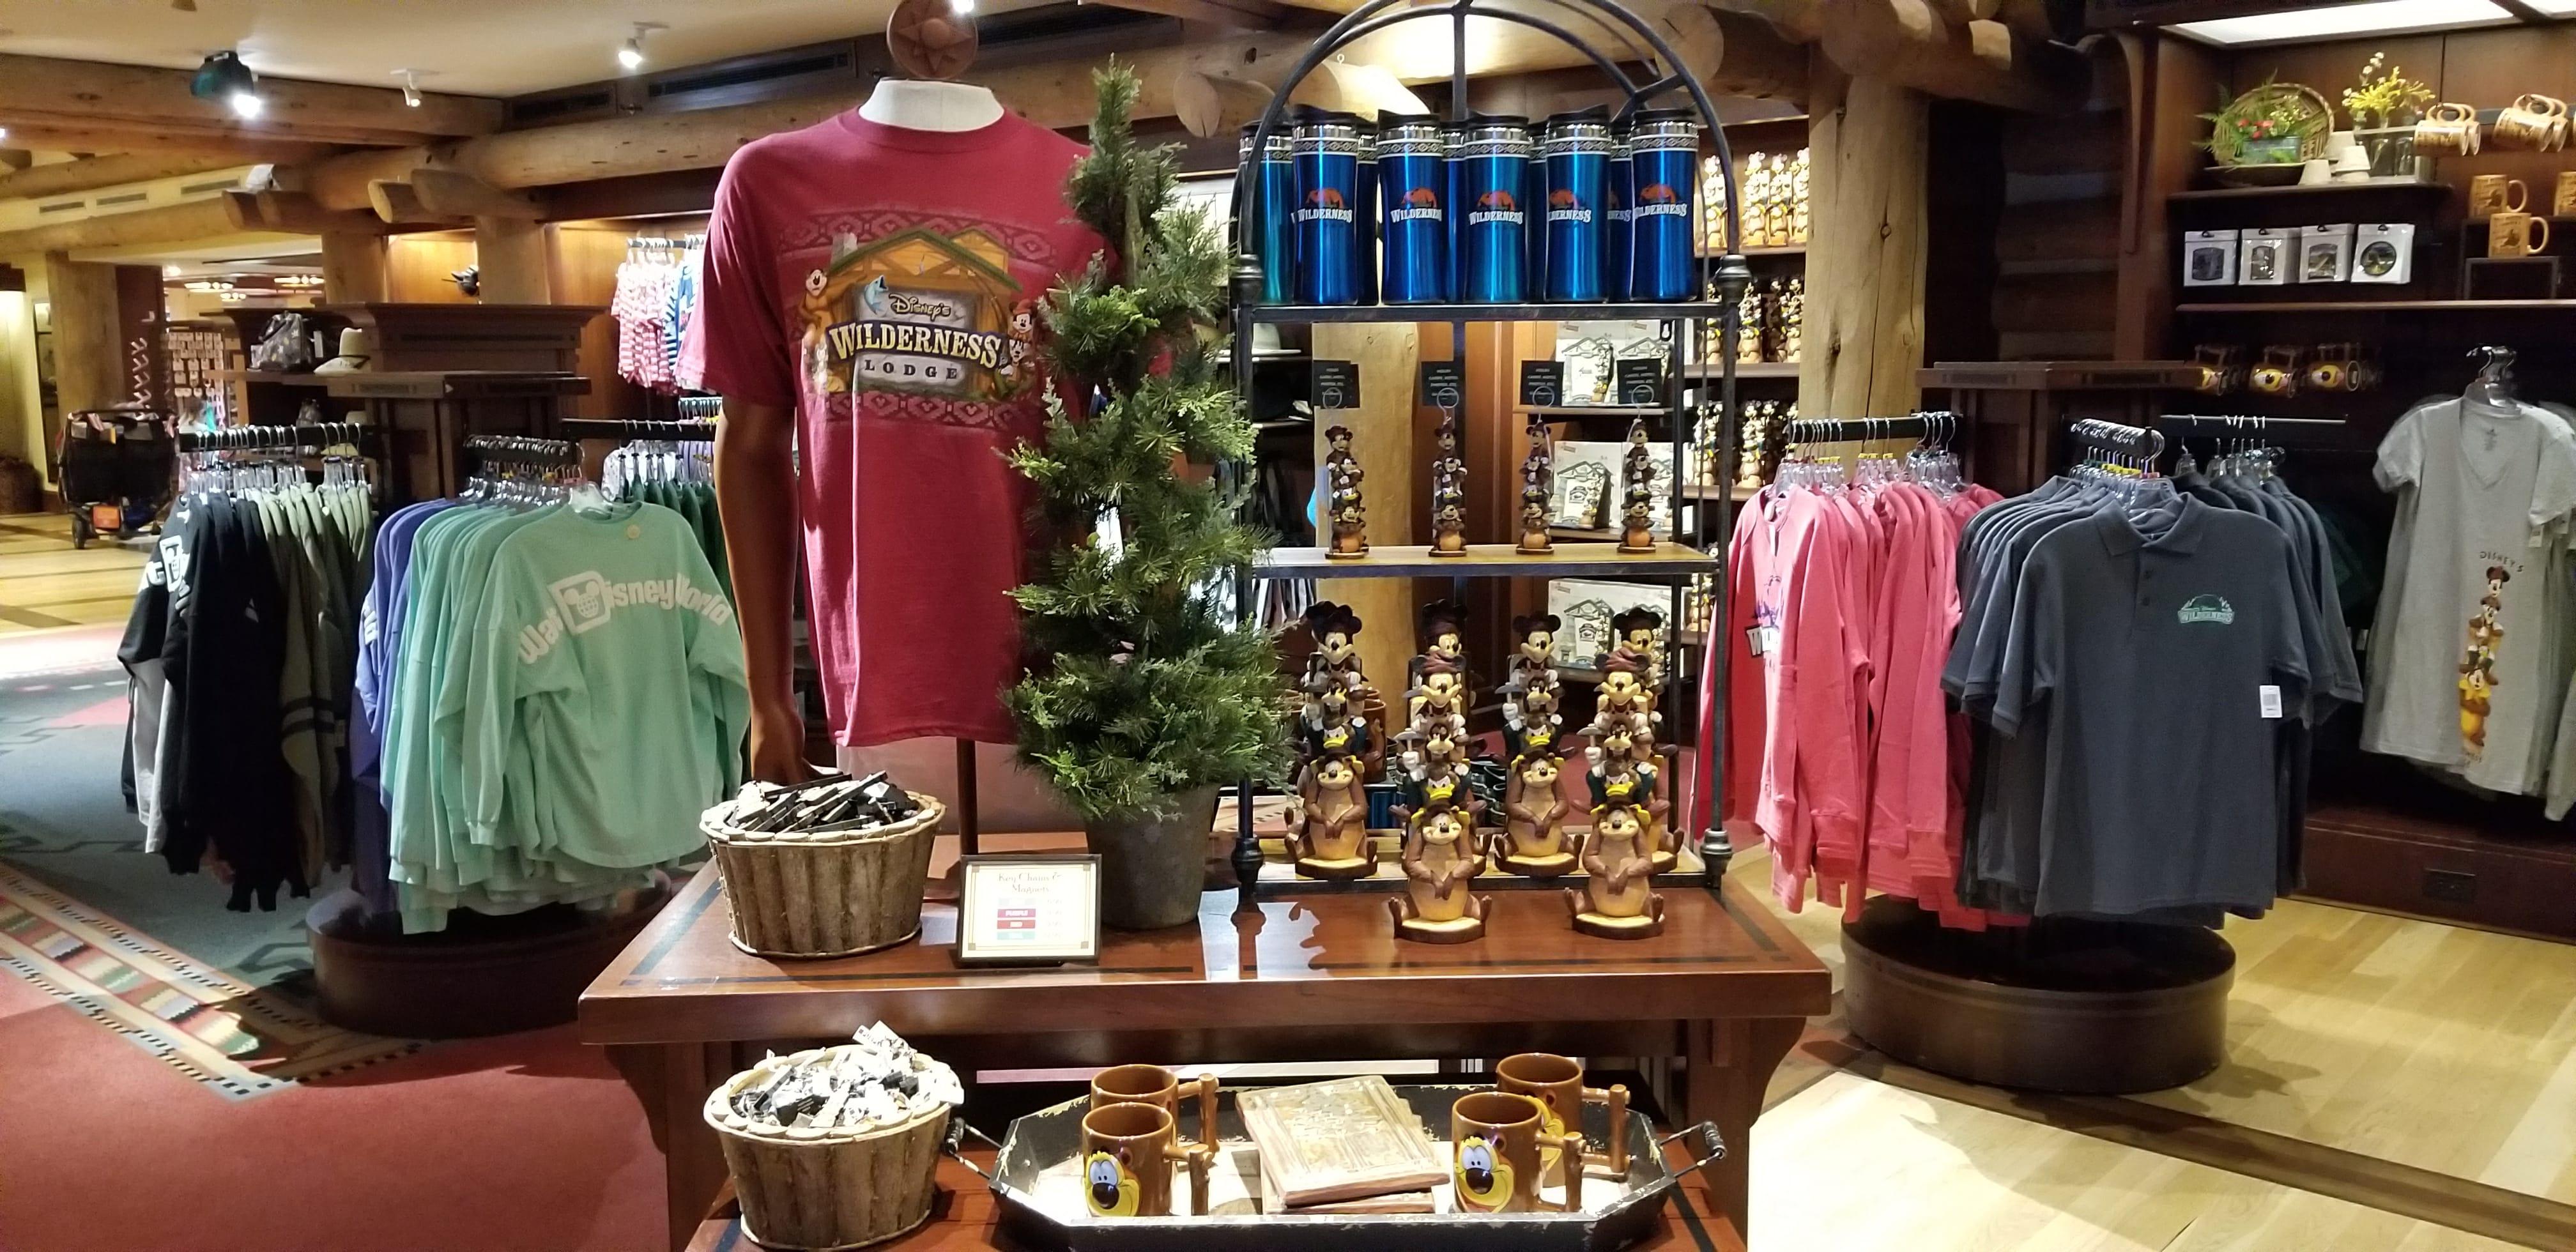 Wilderness Lodge Merchandise